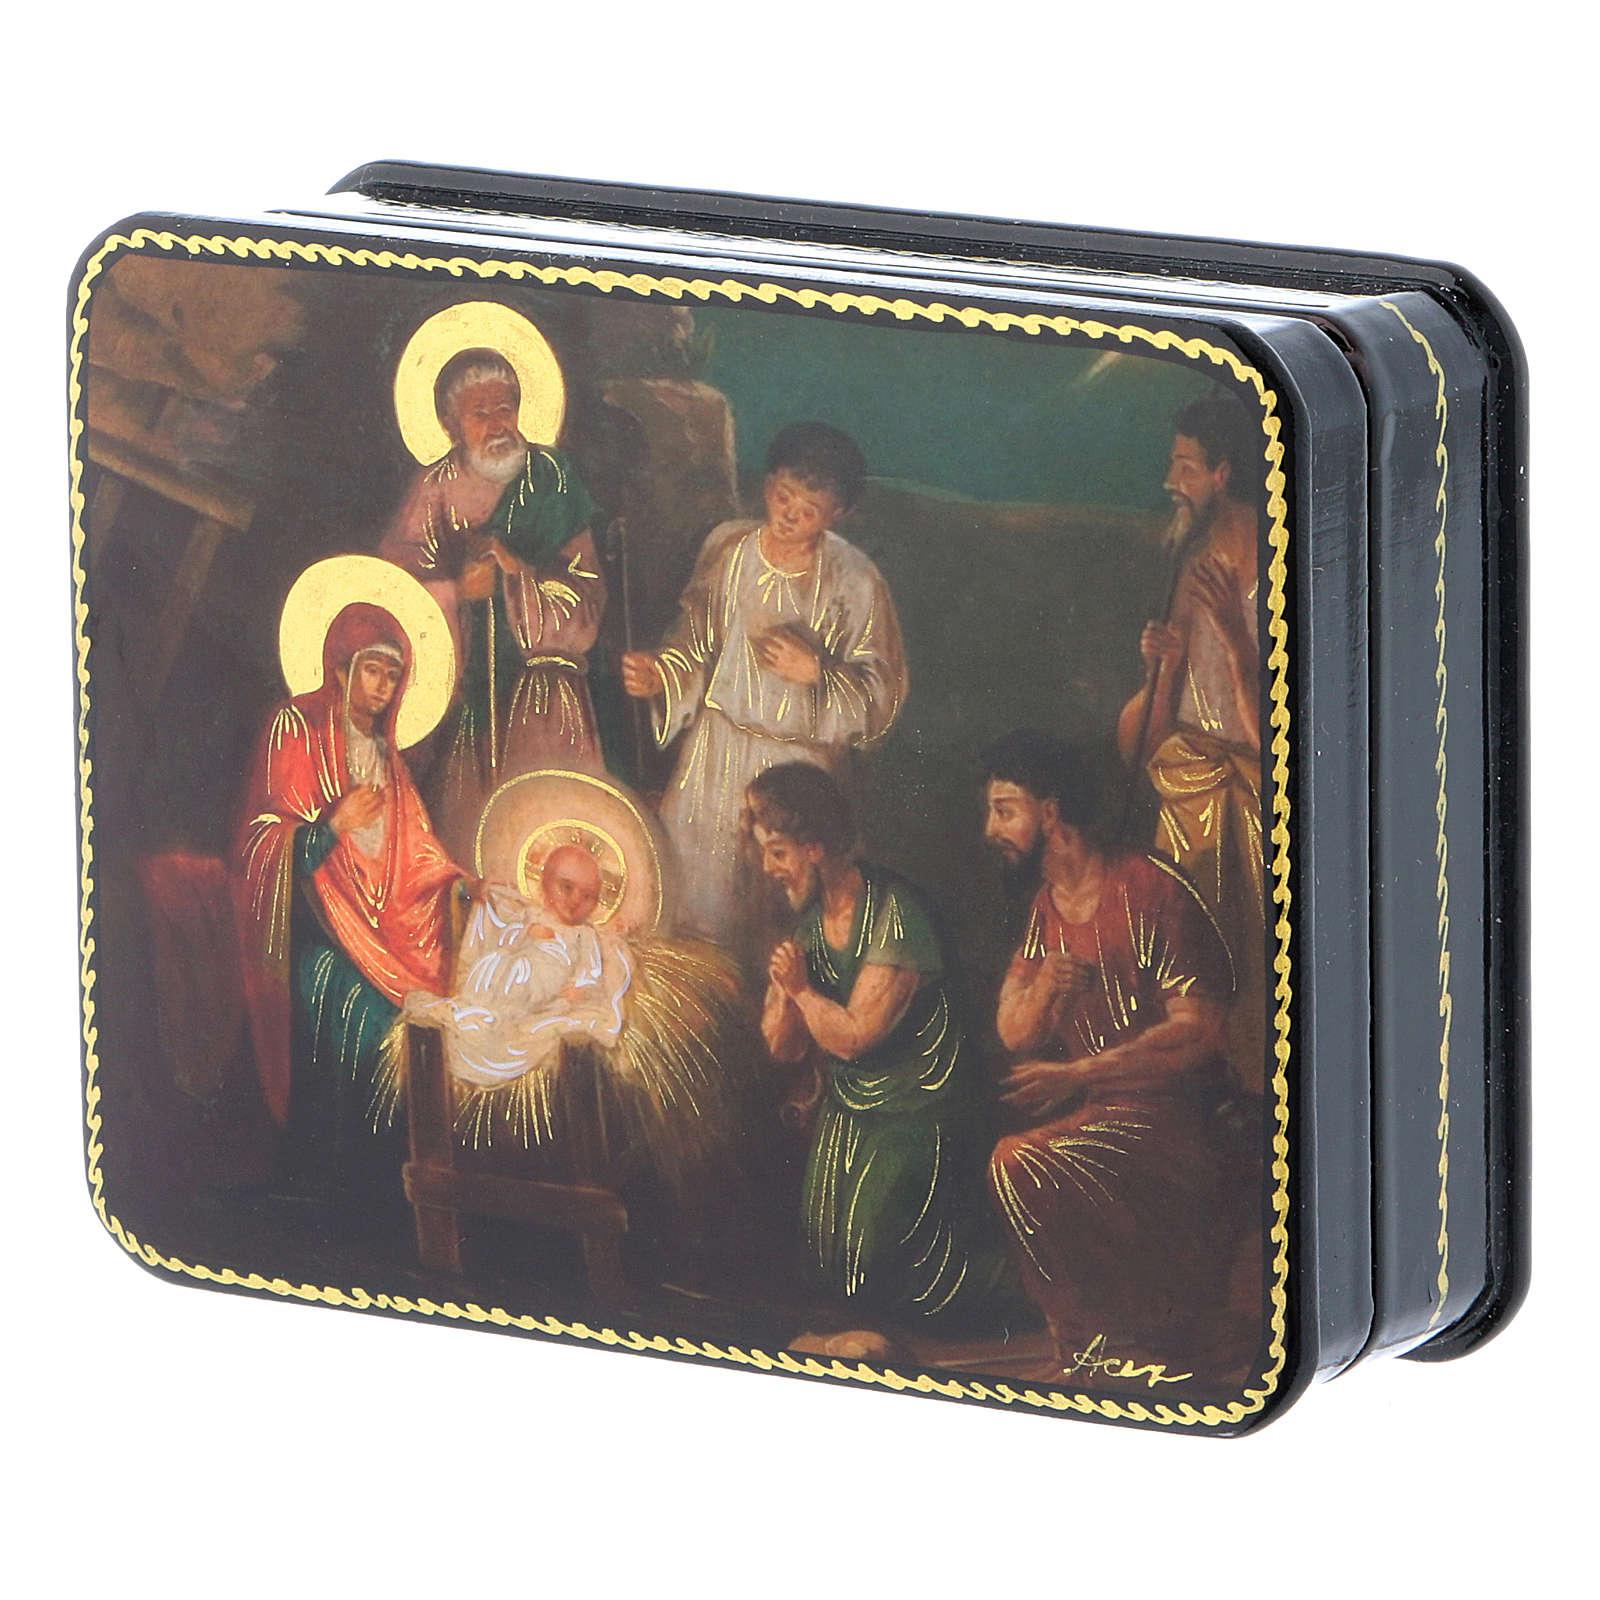 Lacca russa cartapesta Nascita di Cristo Fedoskino style 11x8 4